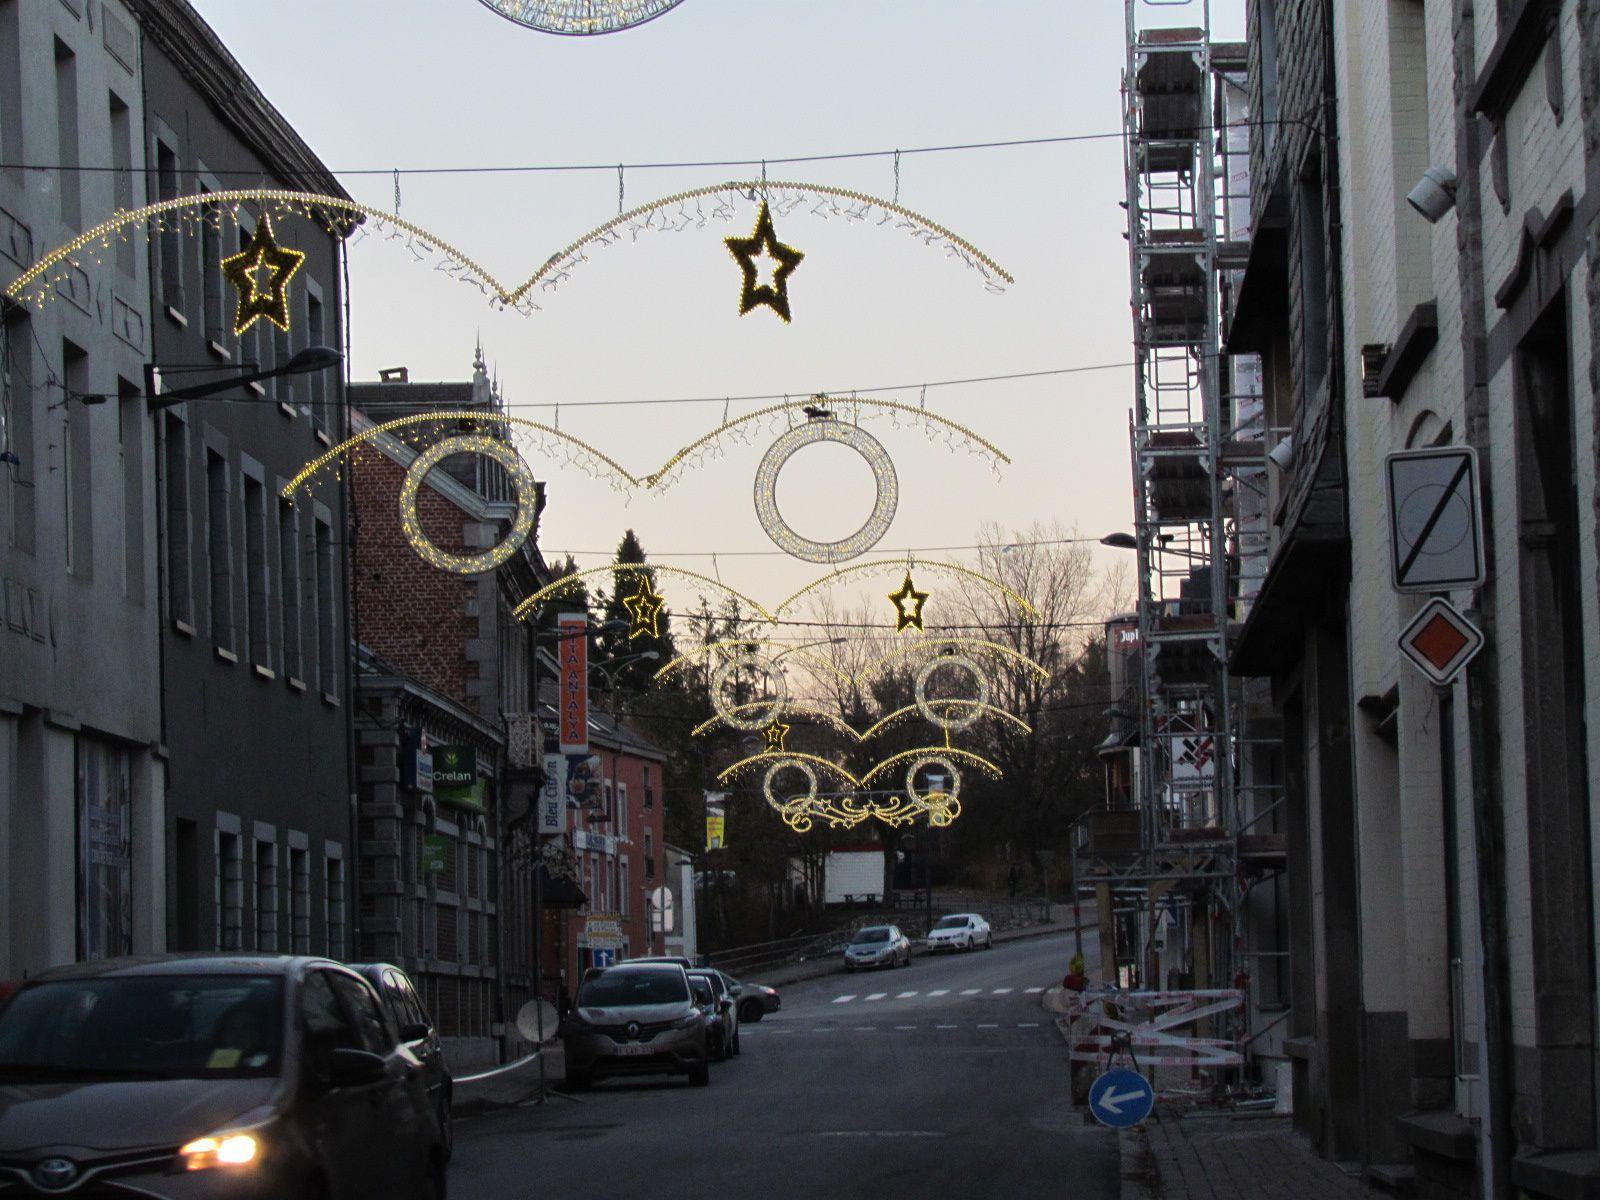 Les illuminations de fin d'année